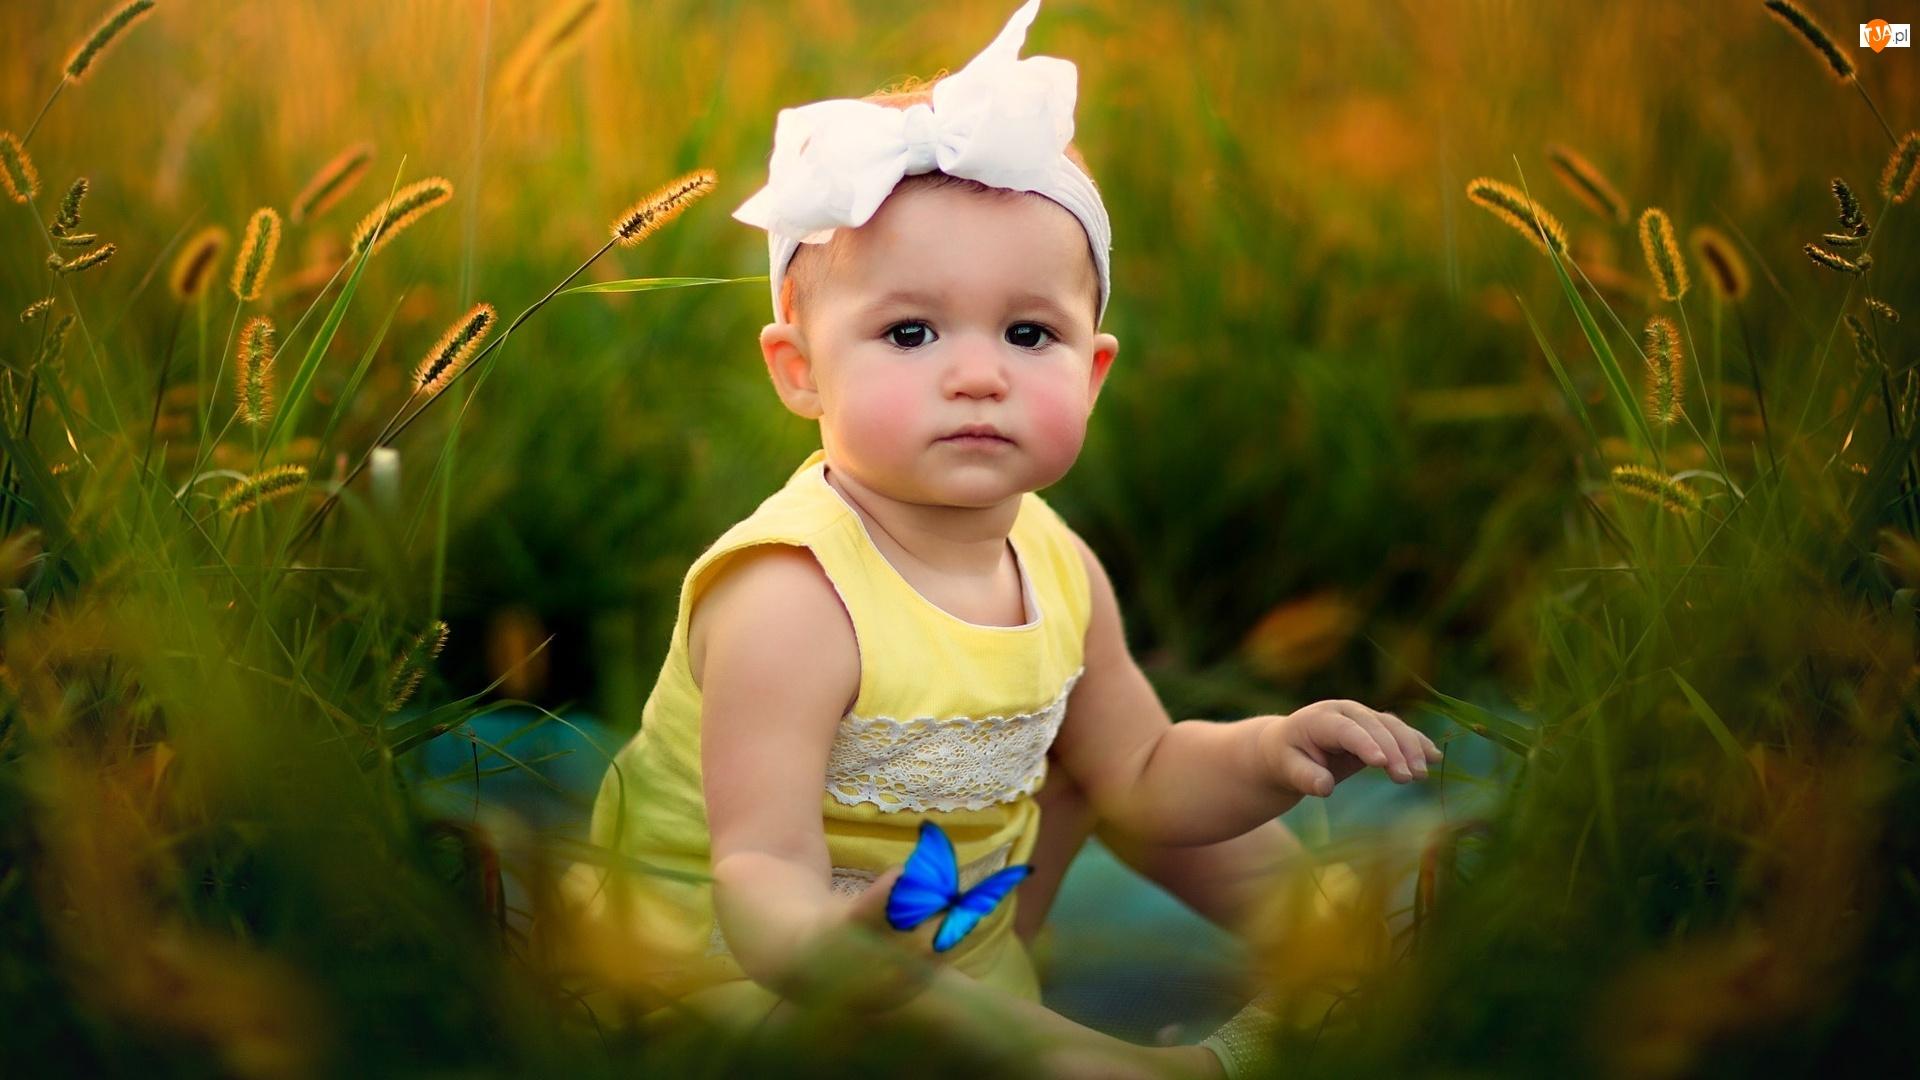 Dziewczynka, Niebieski, Małe, Motylek, Dziecko, Łąka